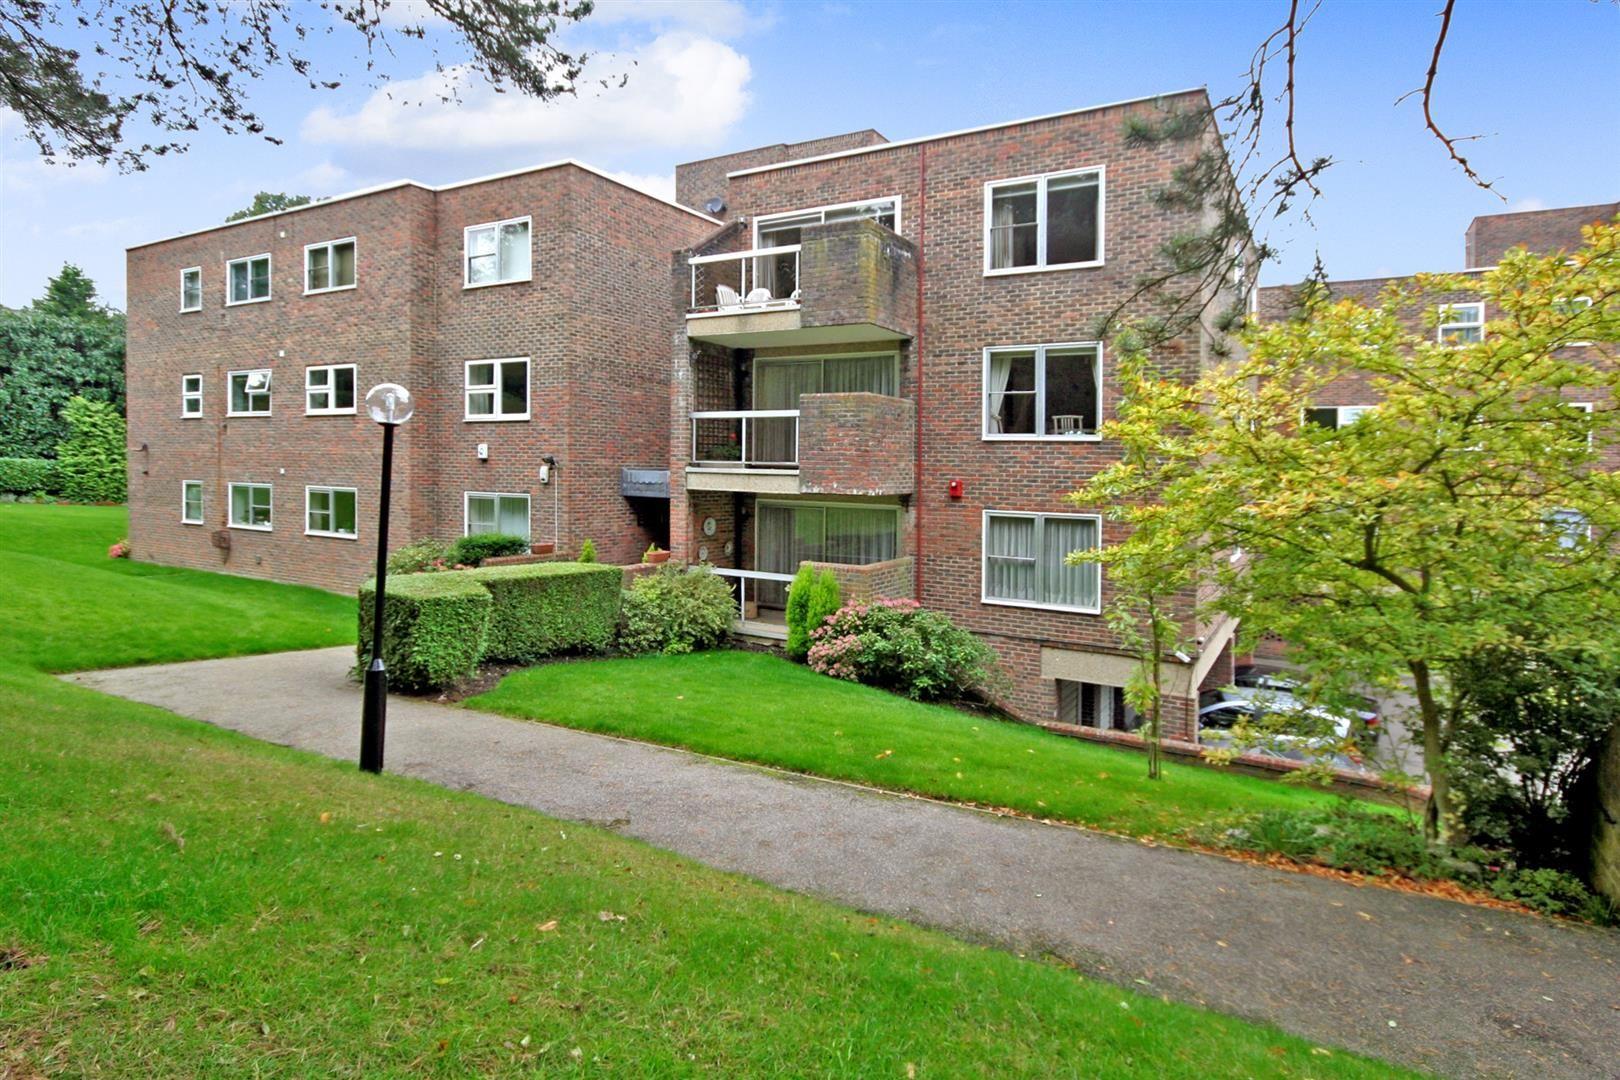 Property photo 1 of 12. Ext_2Dp_Dp_22090204.Jpg